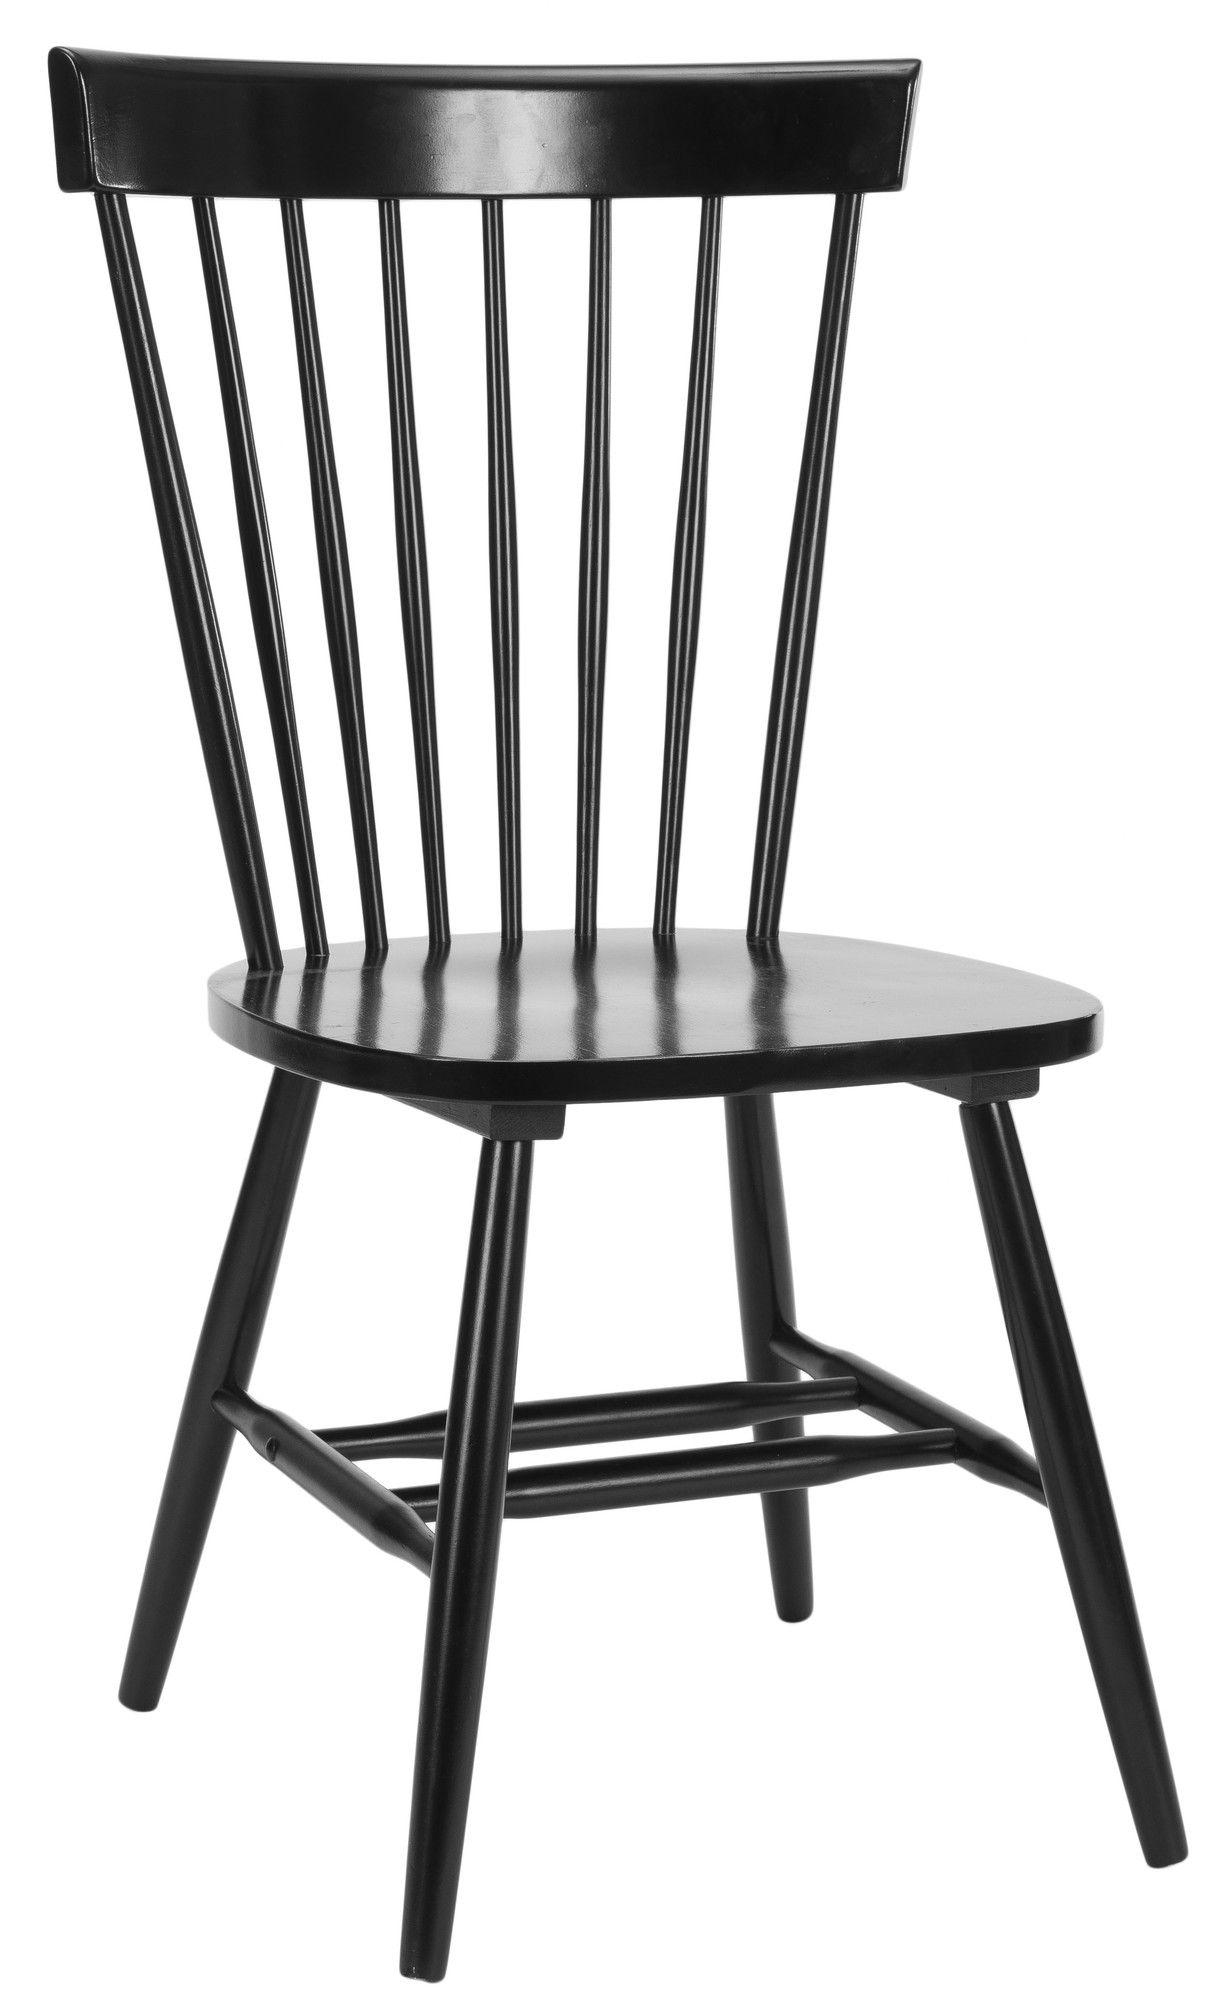 Safavieh Joslyn Side Chair Reviews Wayfair Solid Wood Dining